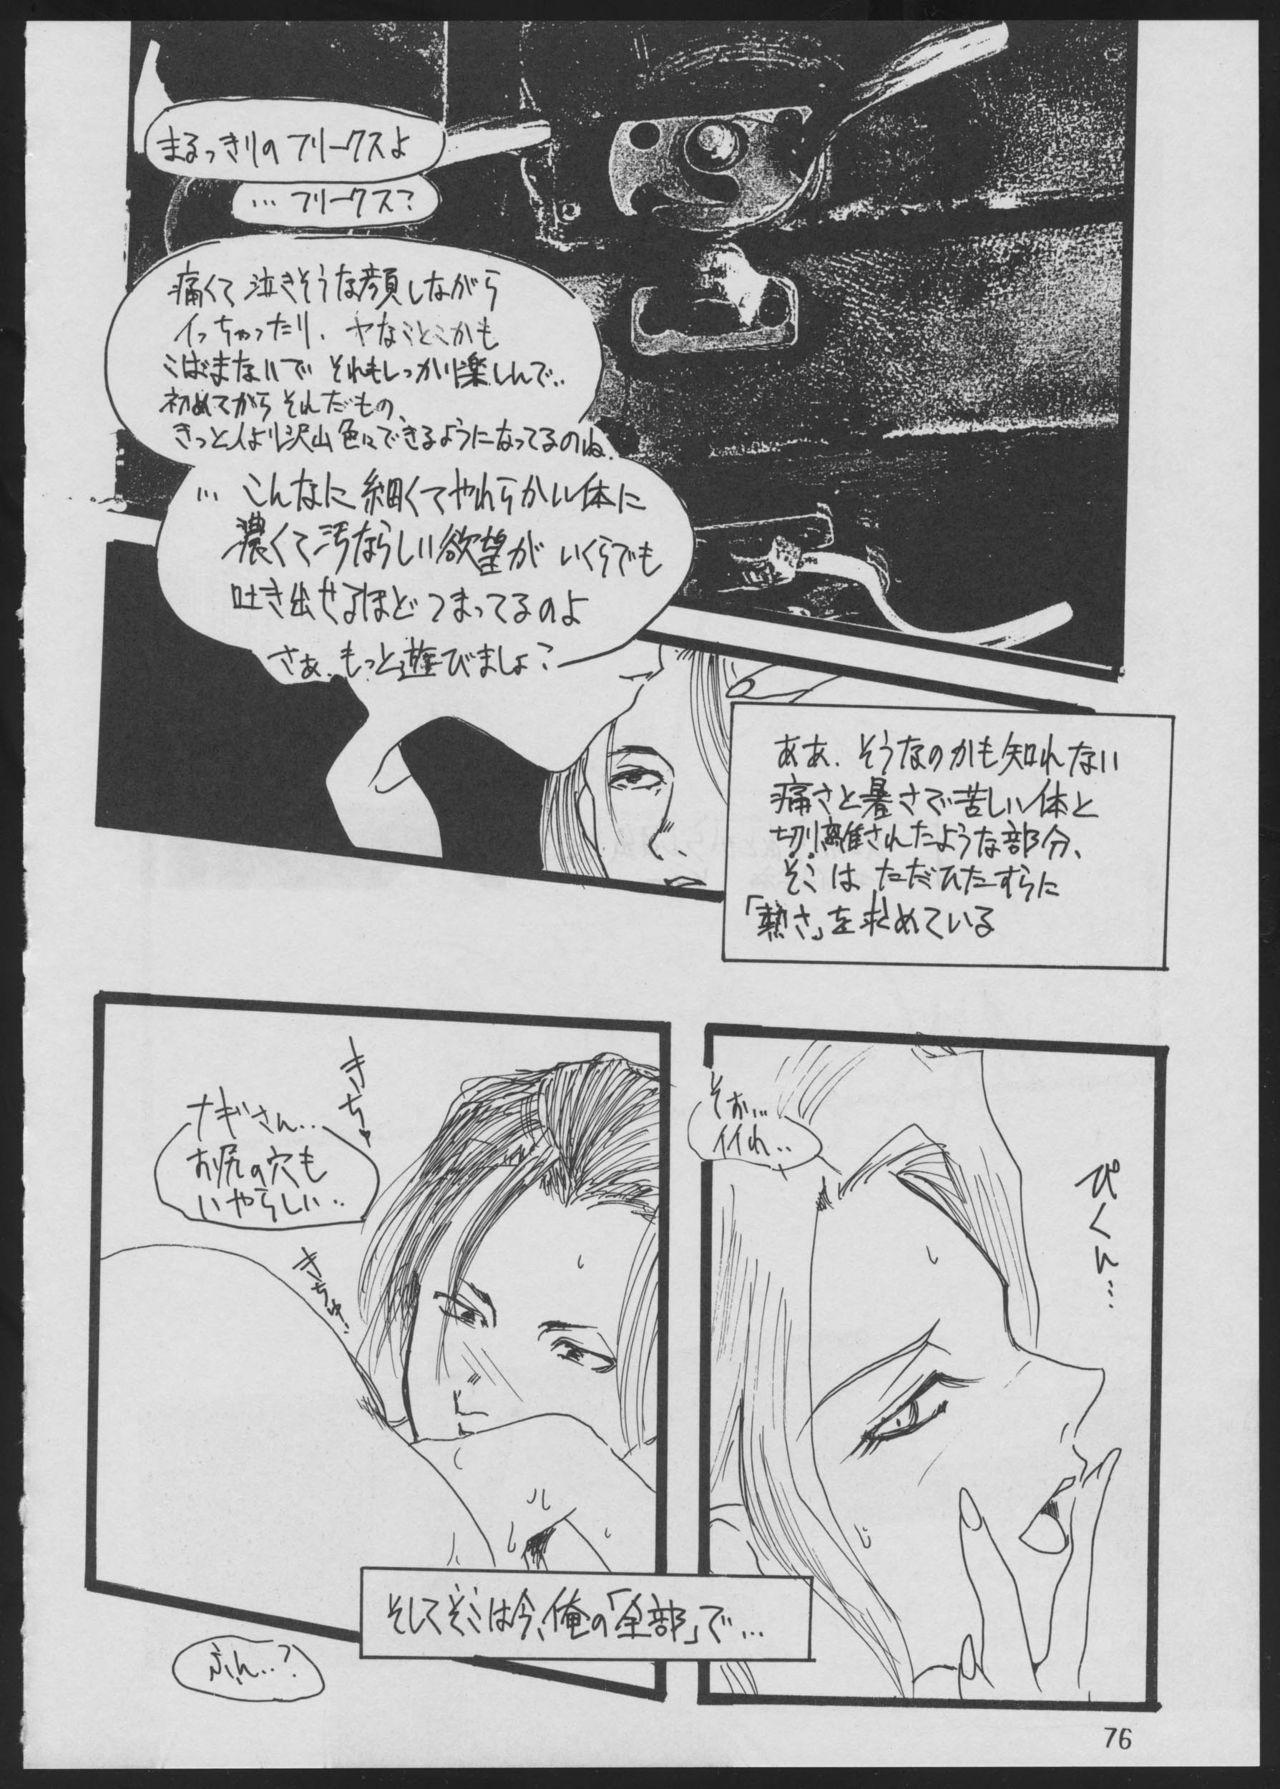 '96 Natsu no Game 18-kin Special 75